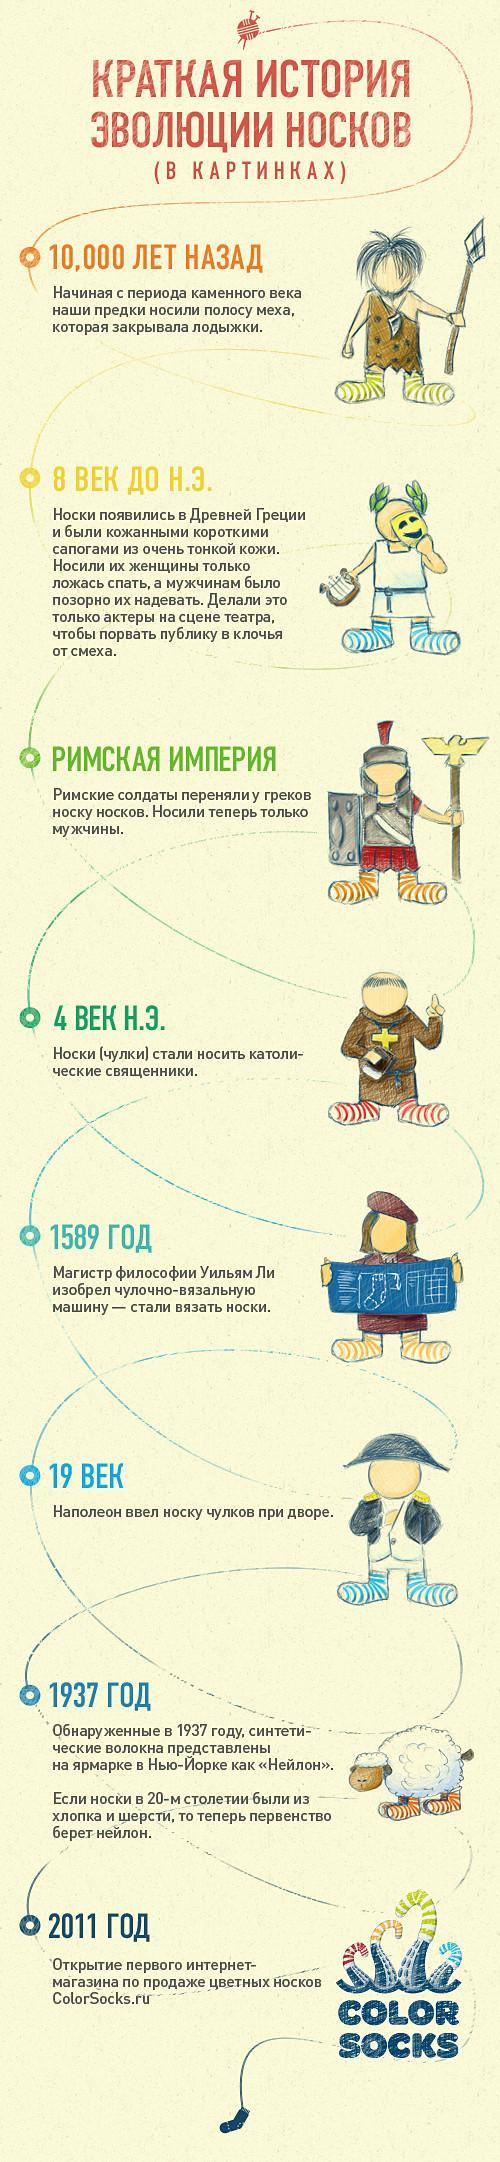 Инфографика: краткая история эволюции носков. Изображение № 1.